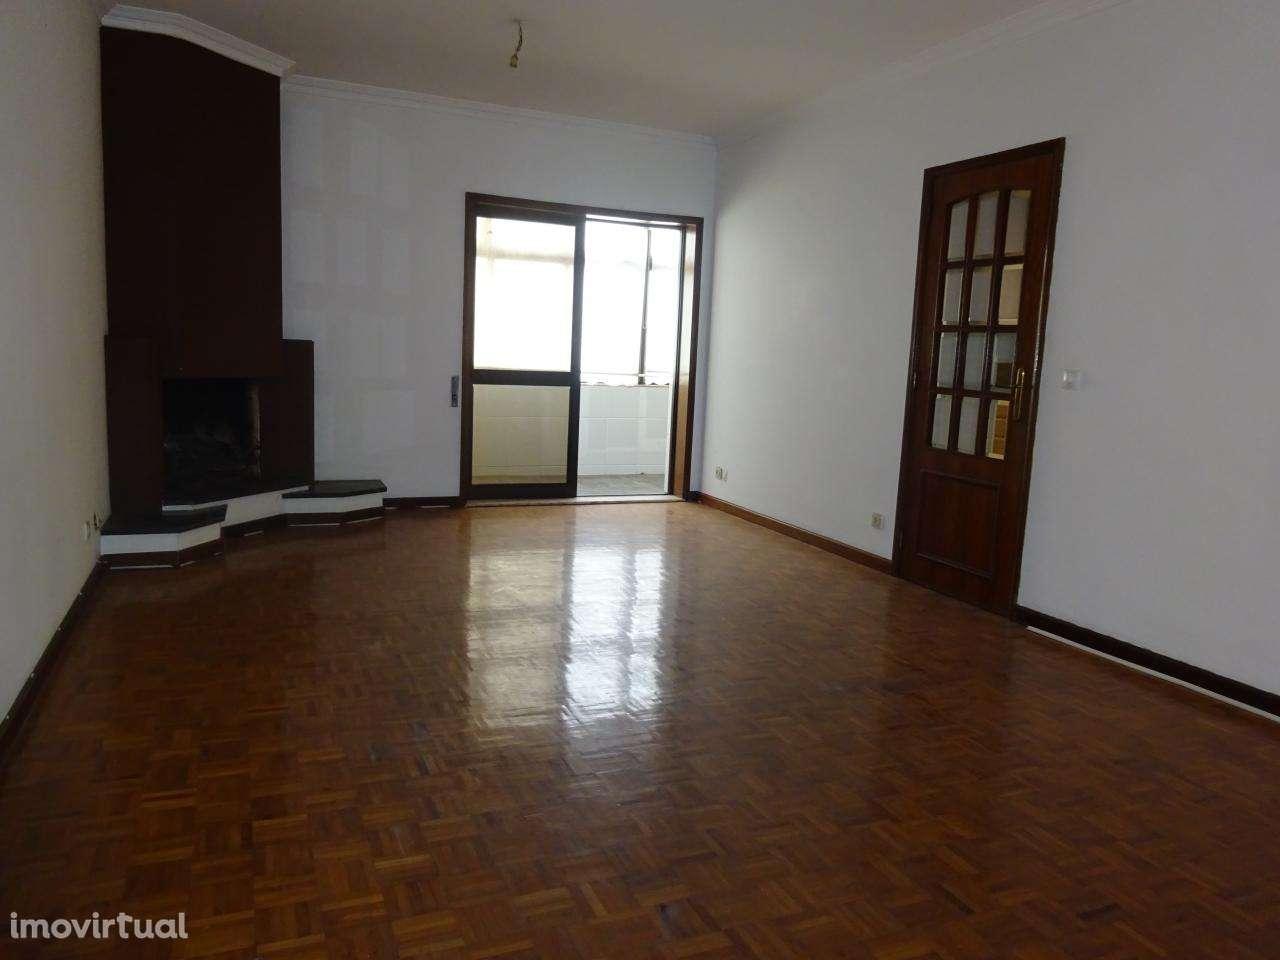 Apartamento para arrendar, Mirandela - Foto 1